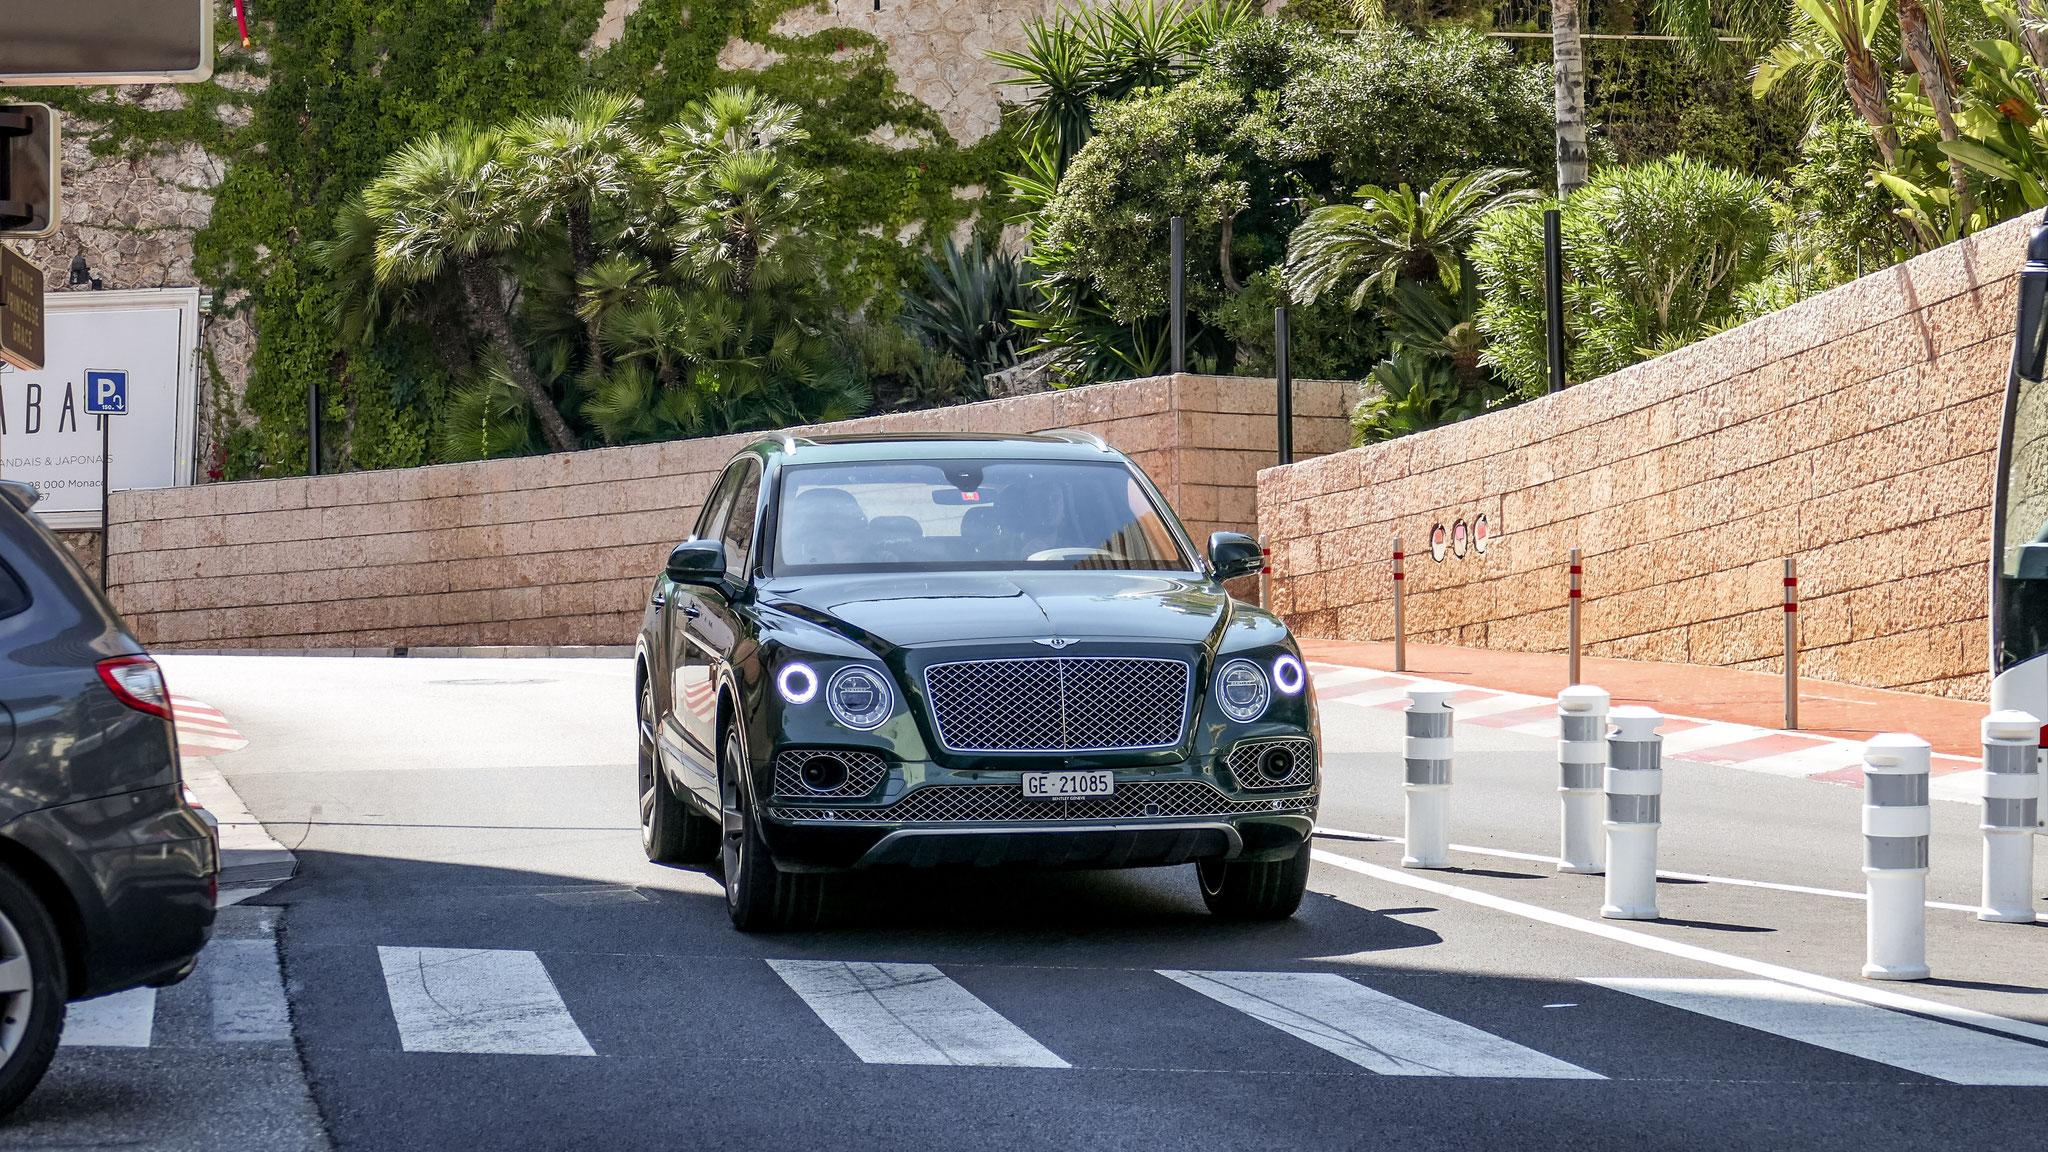 Bentley Bentayga - GE-21085 (MC)